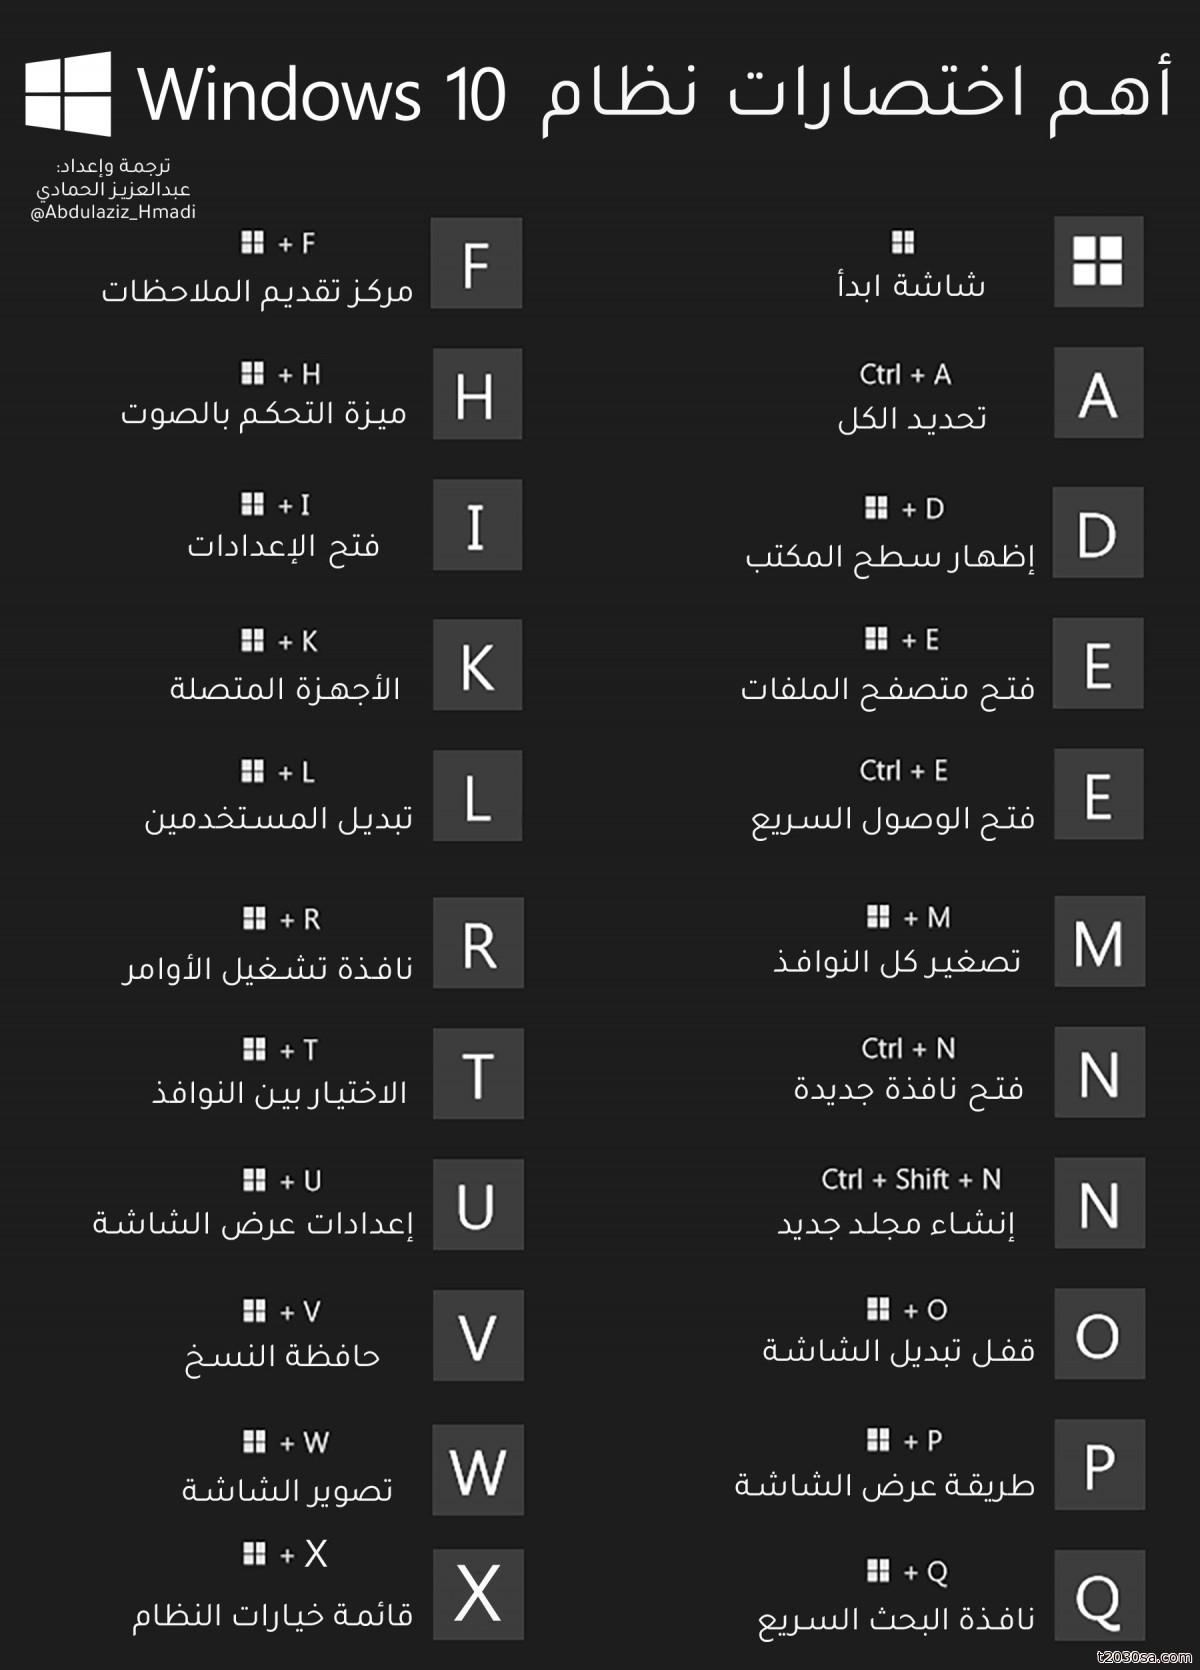 اختصارات ويندز 10 انجز بسرعة - شرح عبدالعزيز الحمادي